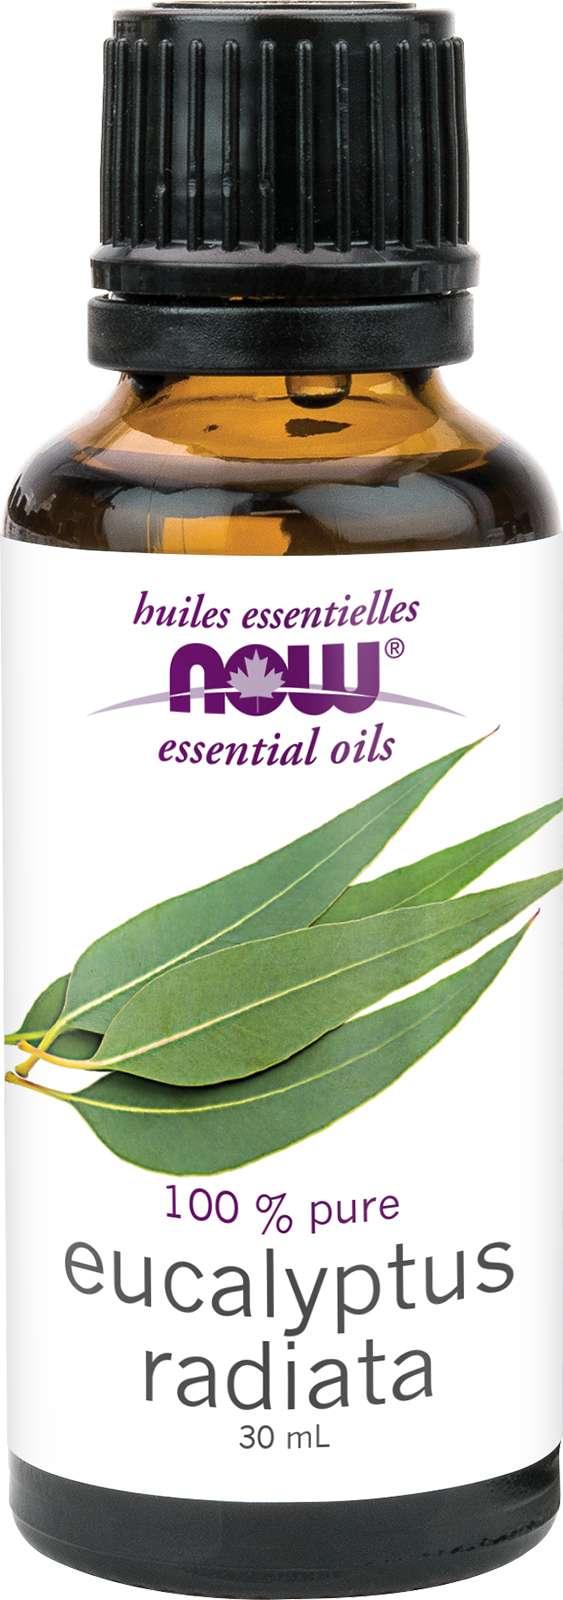 Eucalyptus Radiata Oil (Eucalyptus radiata) 30mL